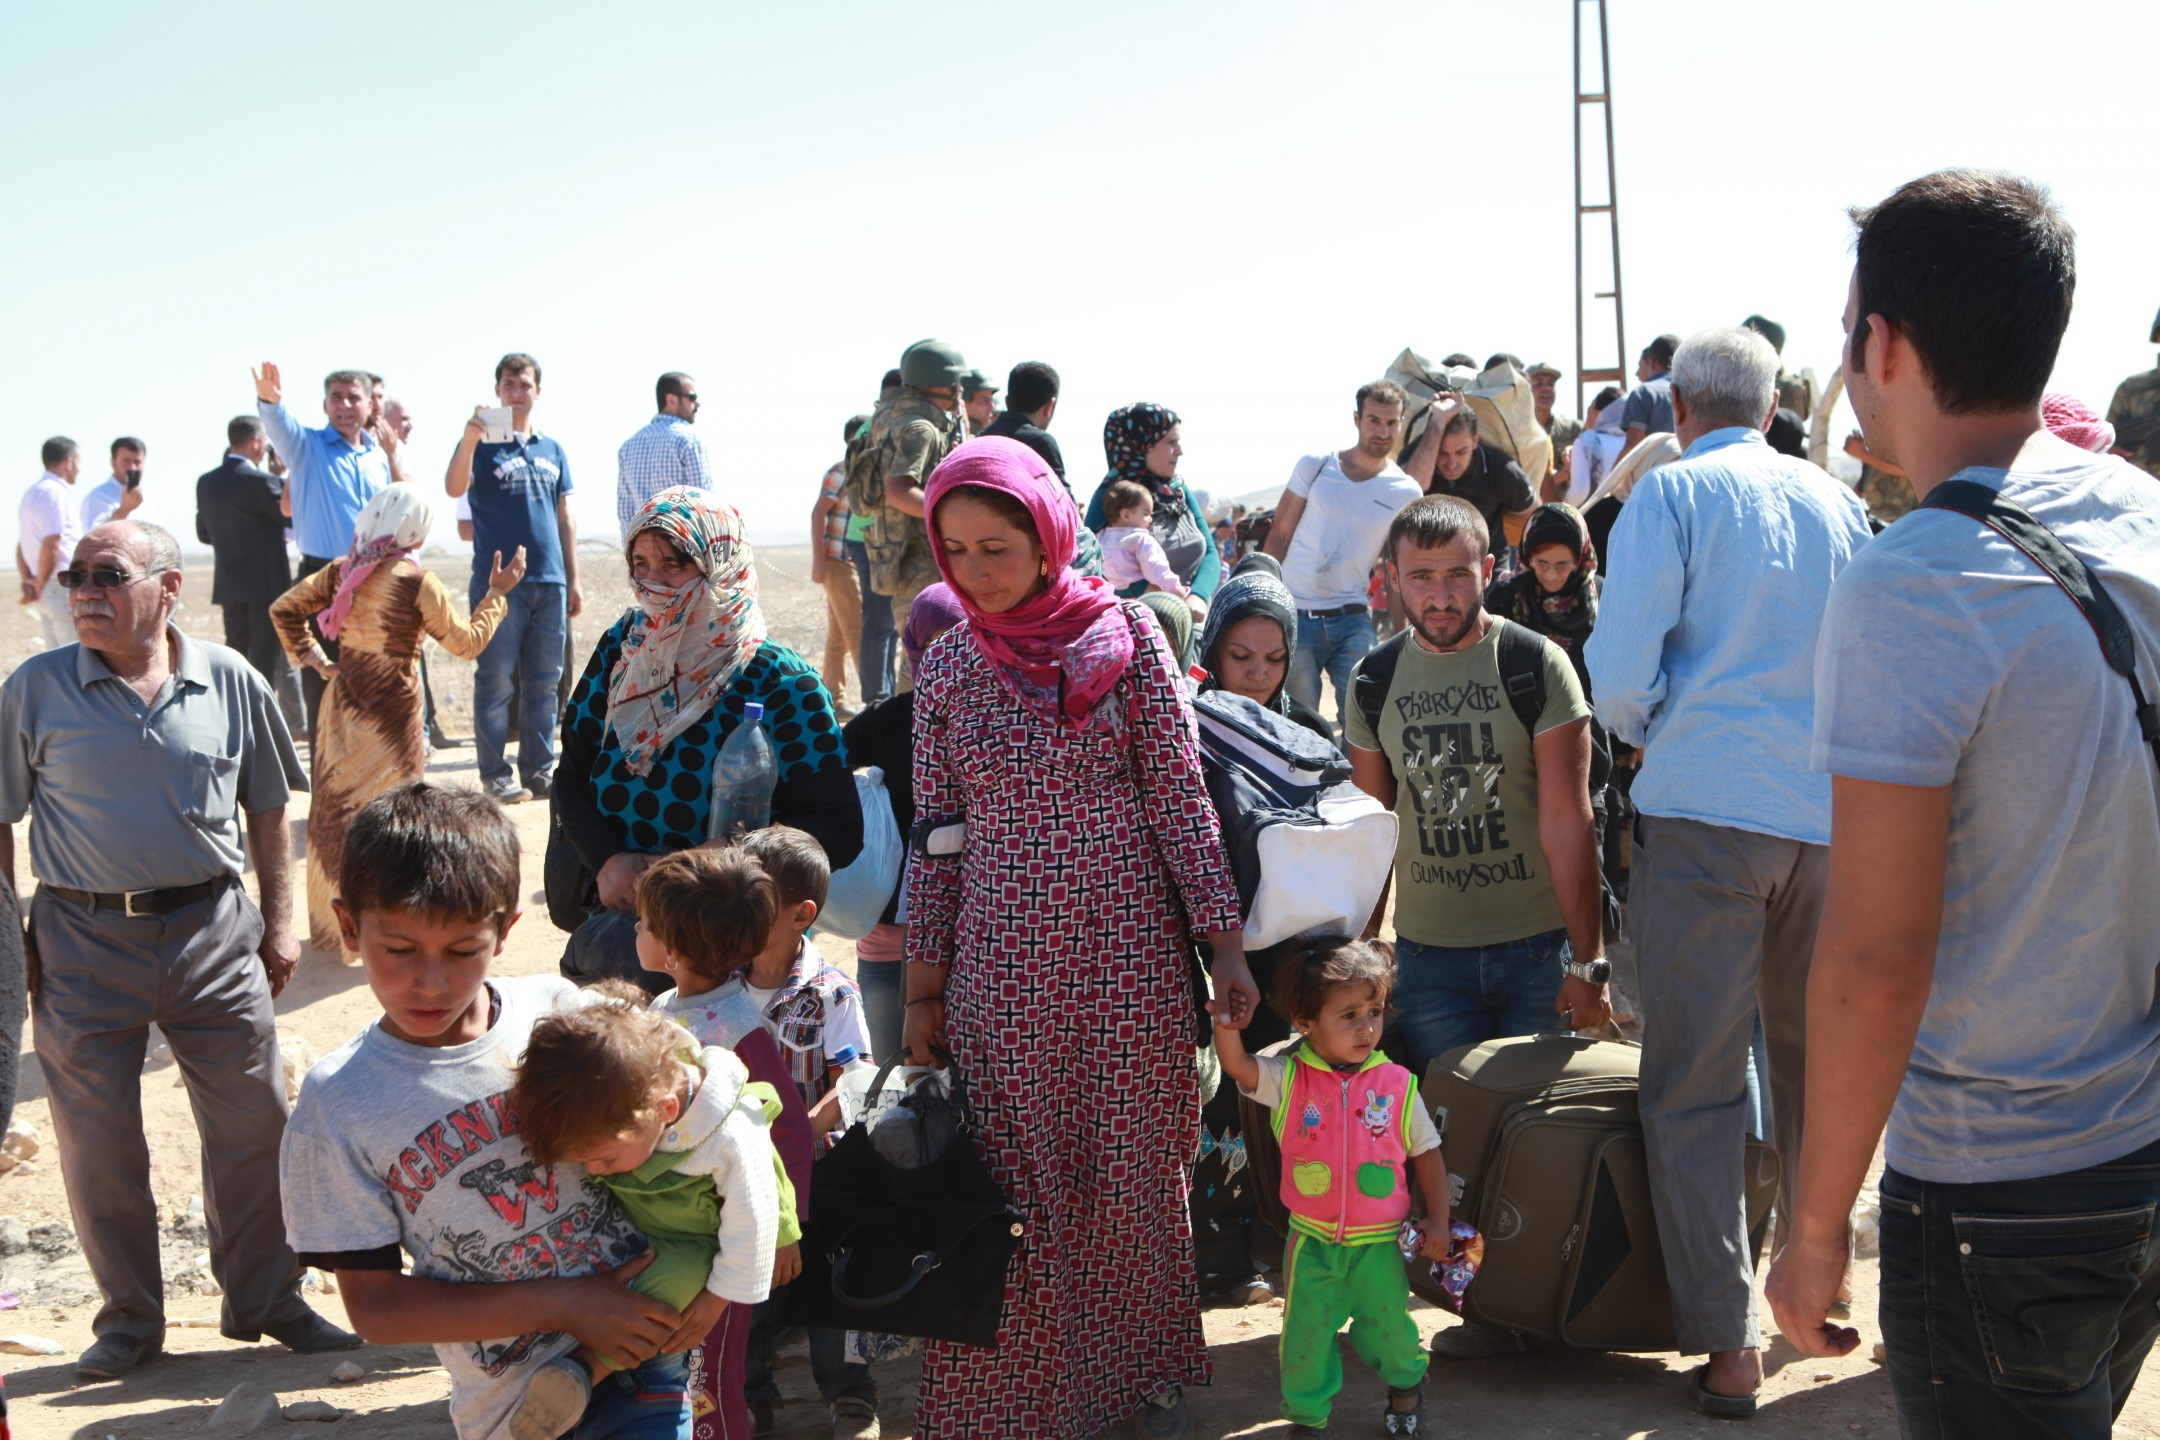 migranten vluchtelingen Europa migratie